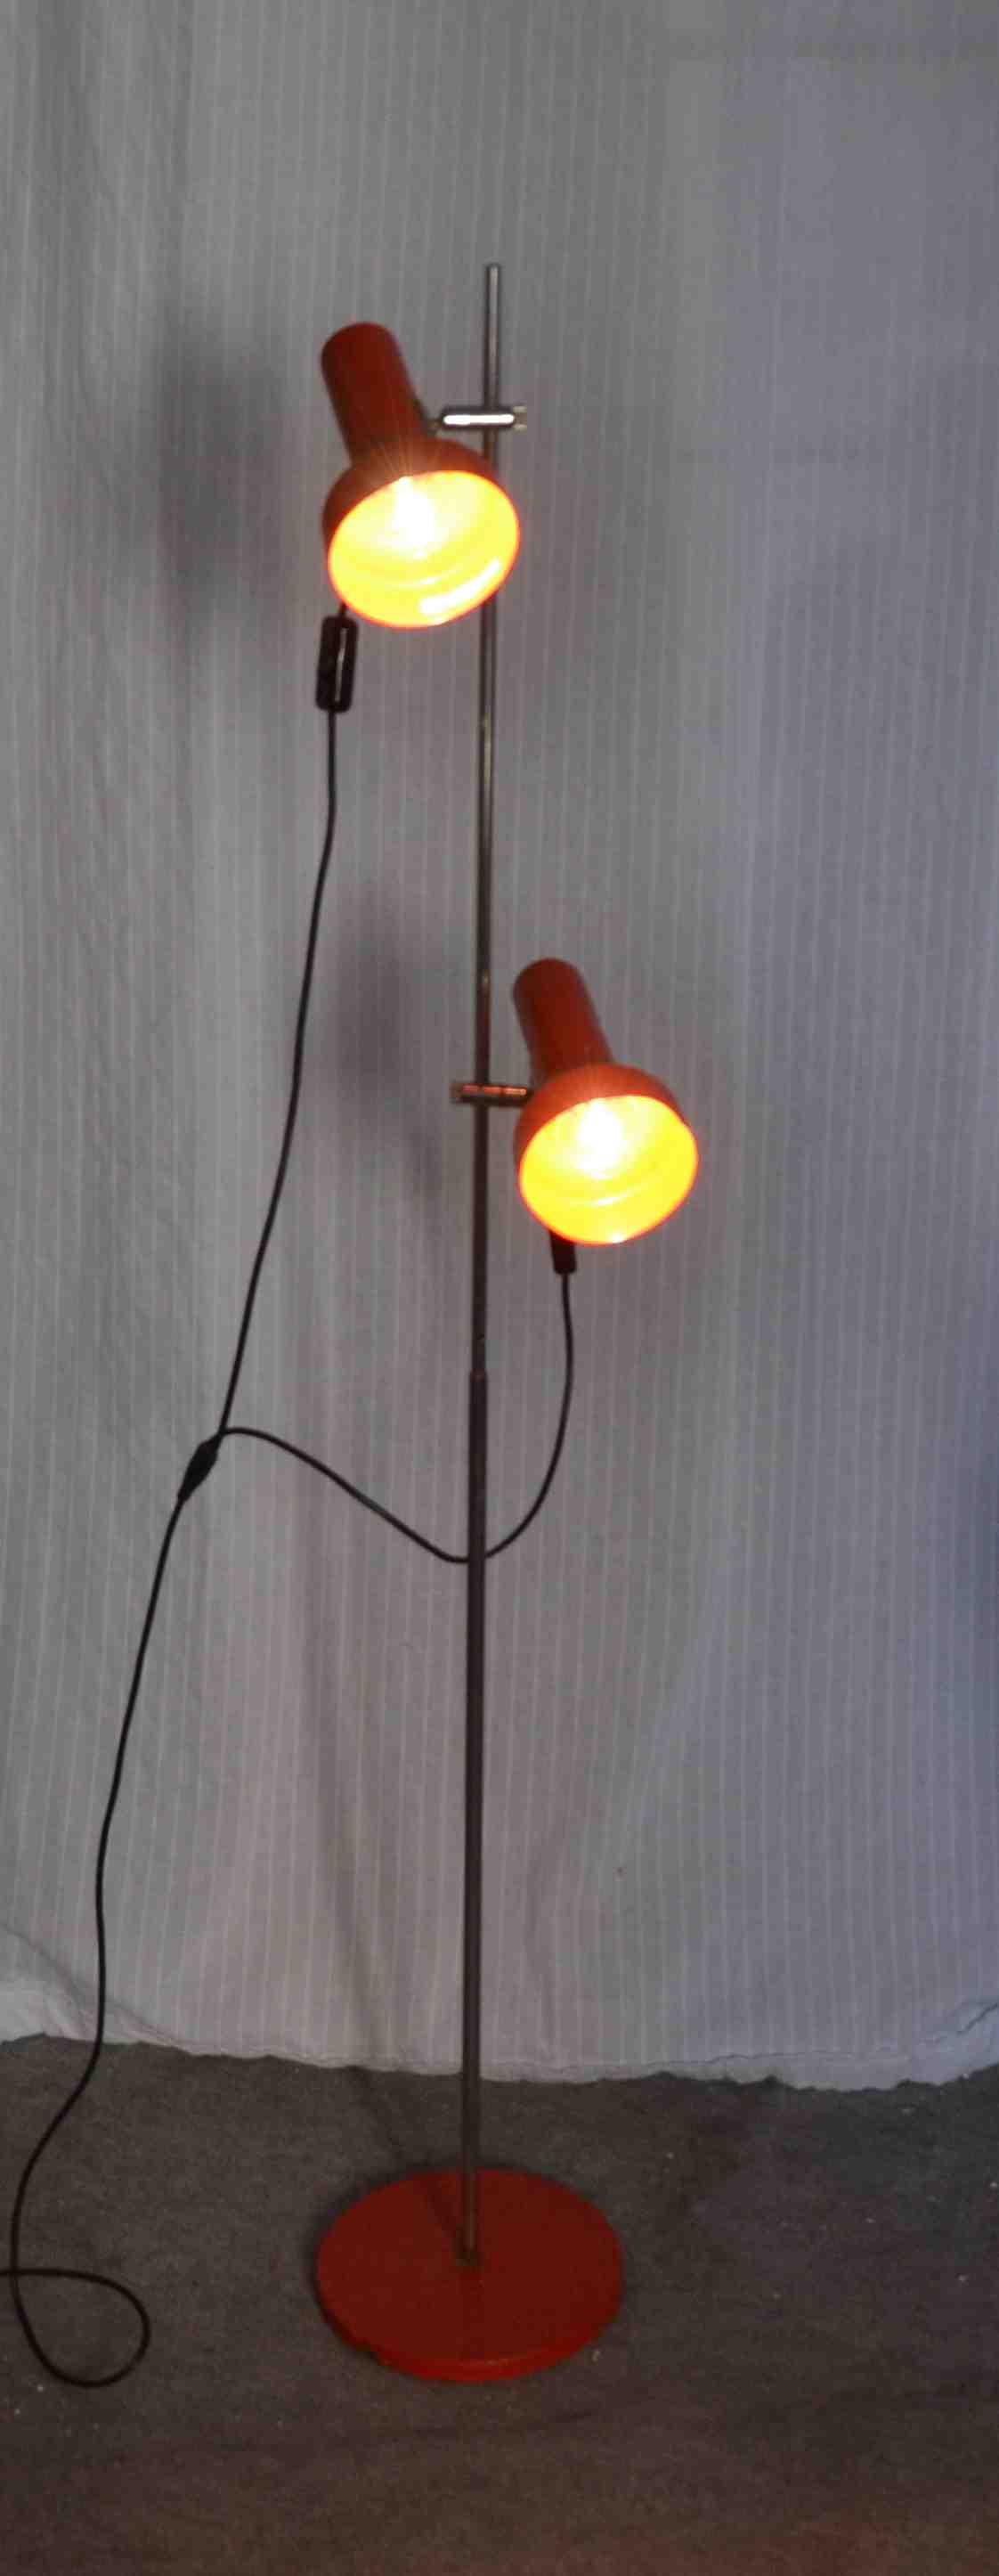 Lampe sur pied liseuse spots bindies for Lampe liseuse sur pied